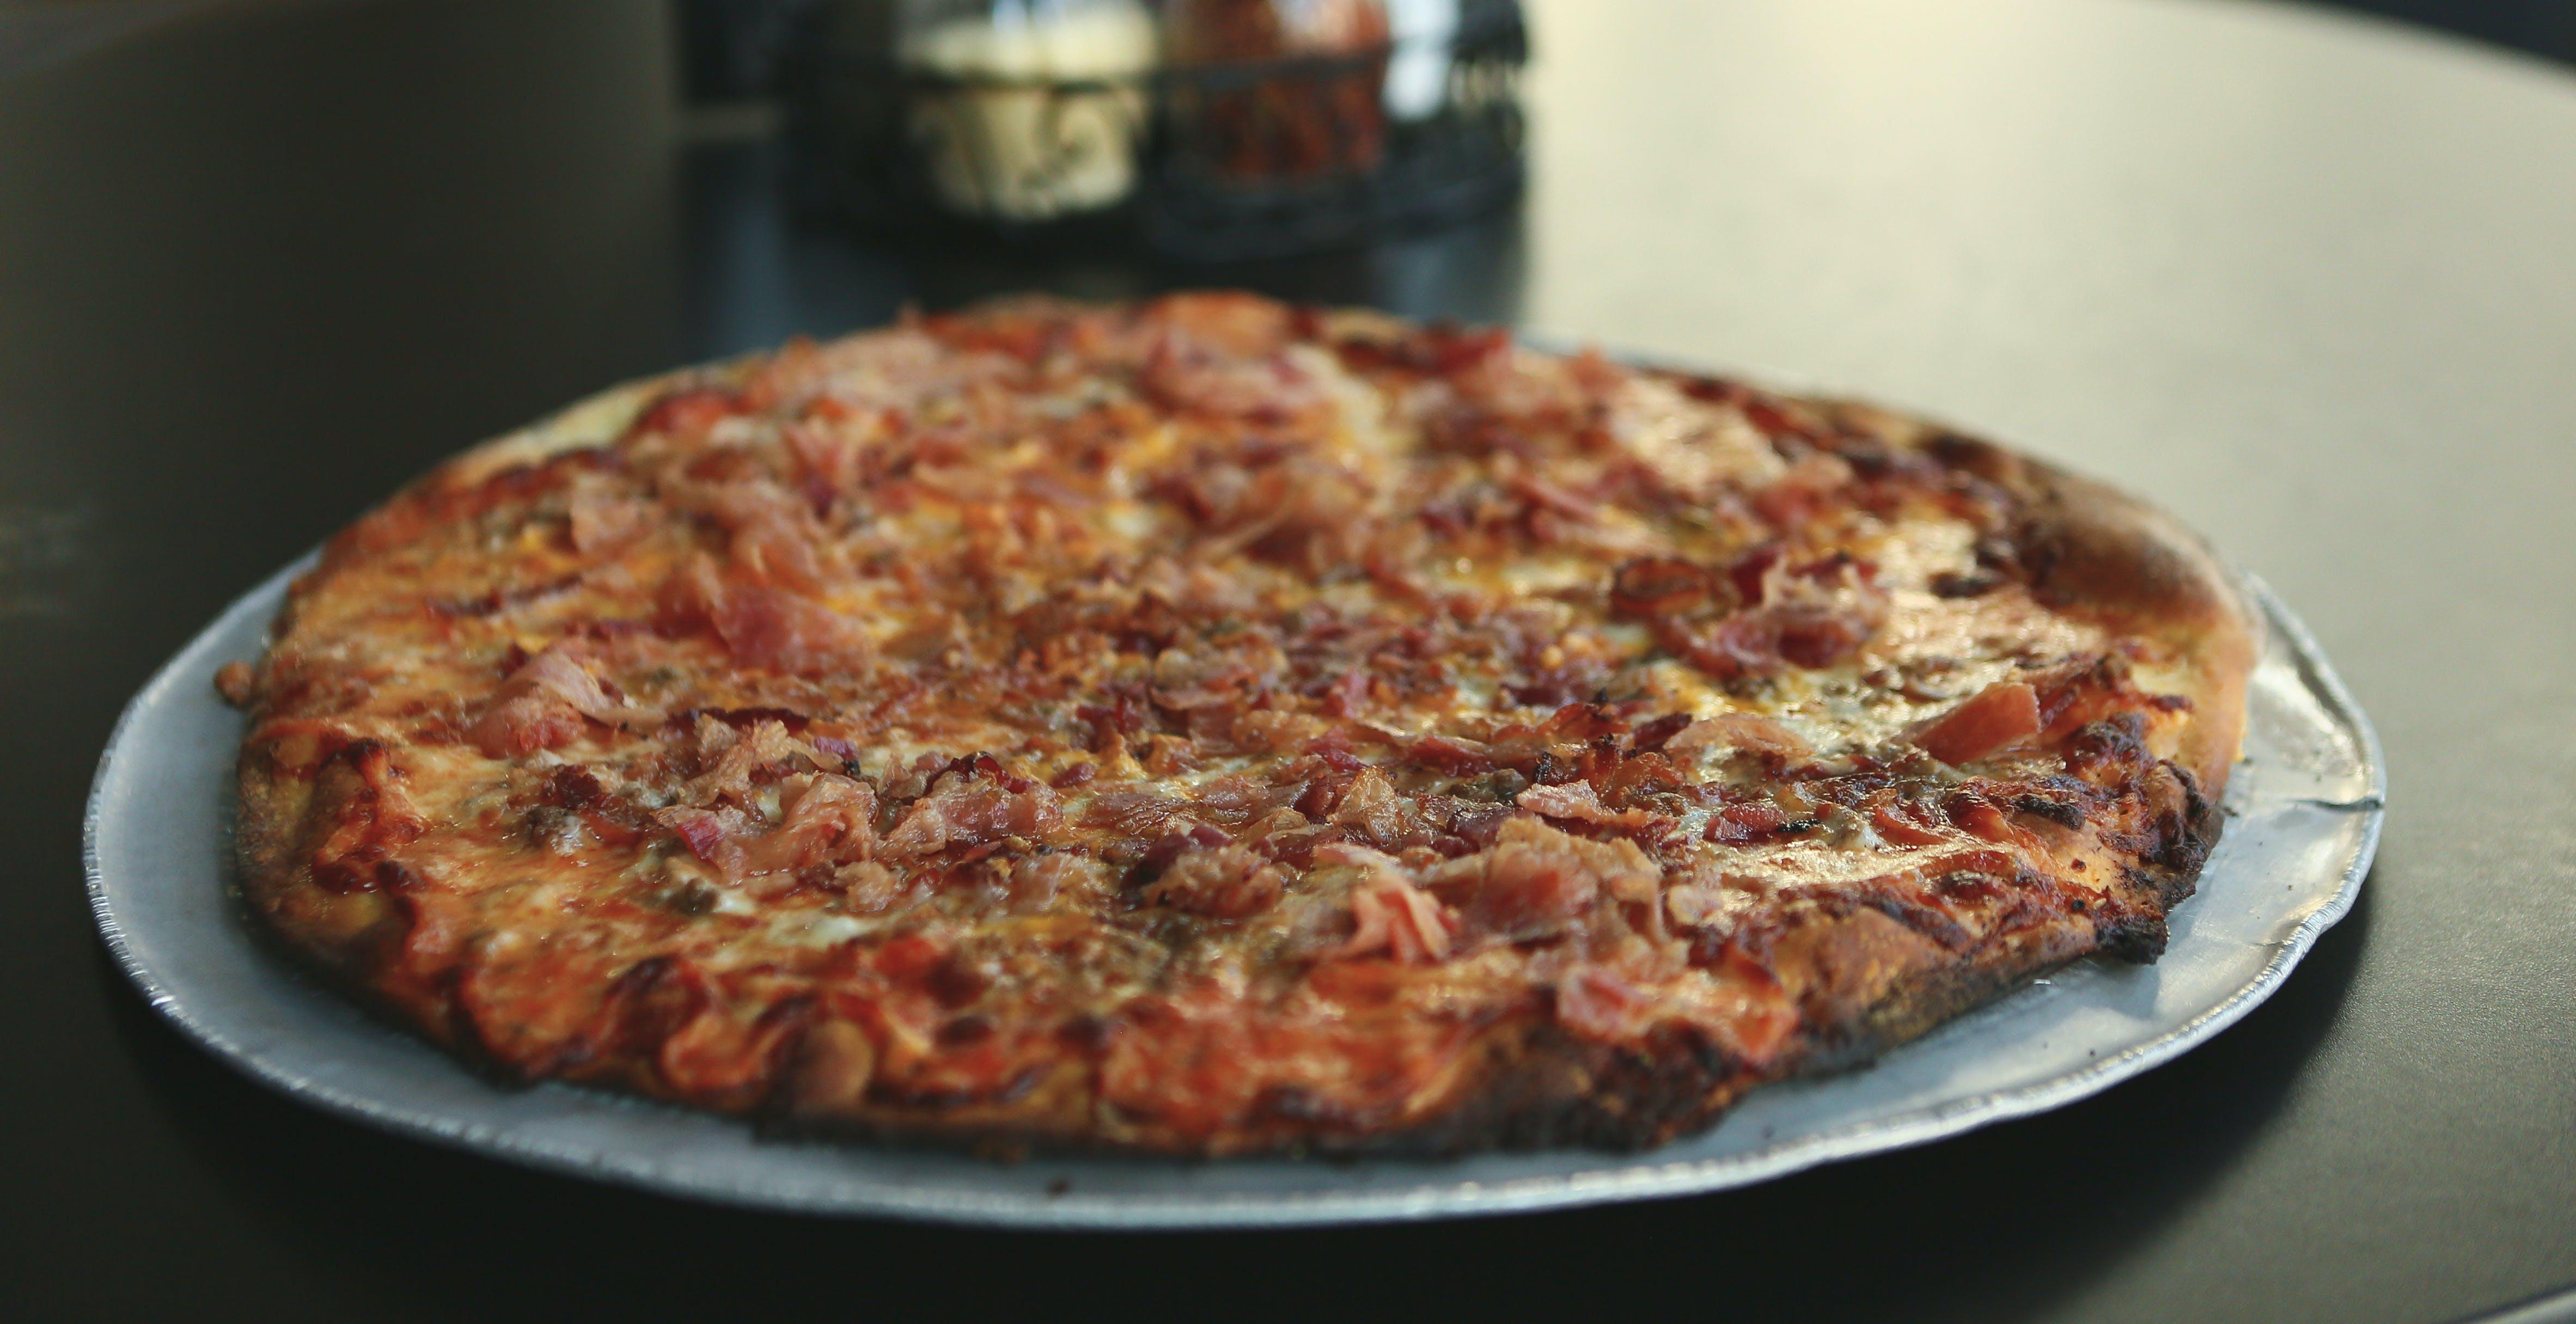 Bacon Cheeseburger Pizza from Falbo Bros. Pizzeria - Sun Prairie in Sun Prairie, WI